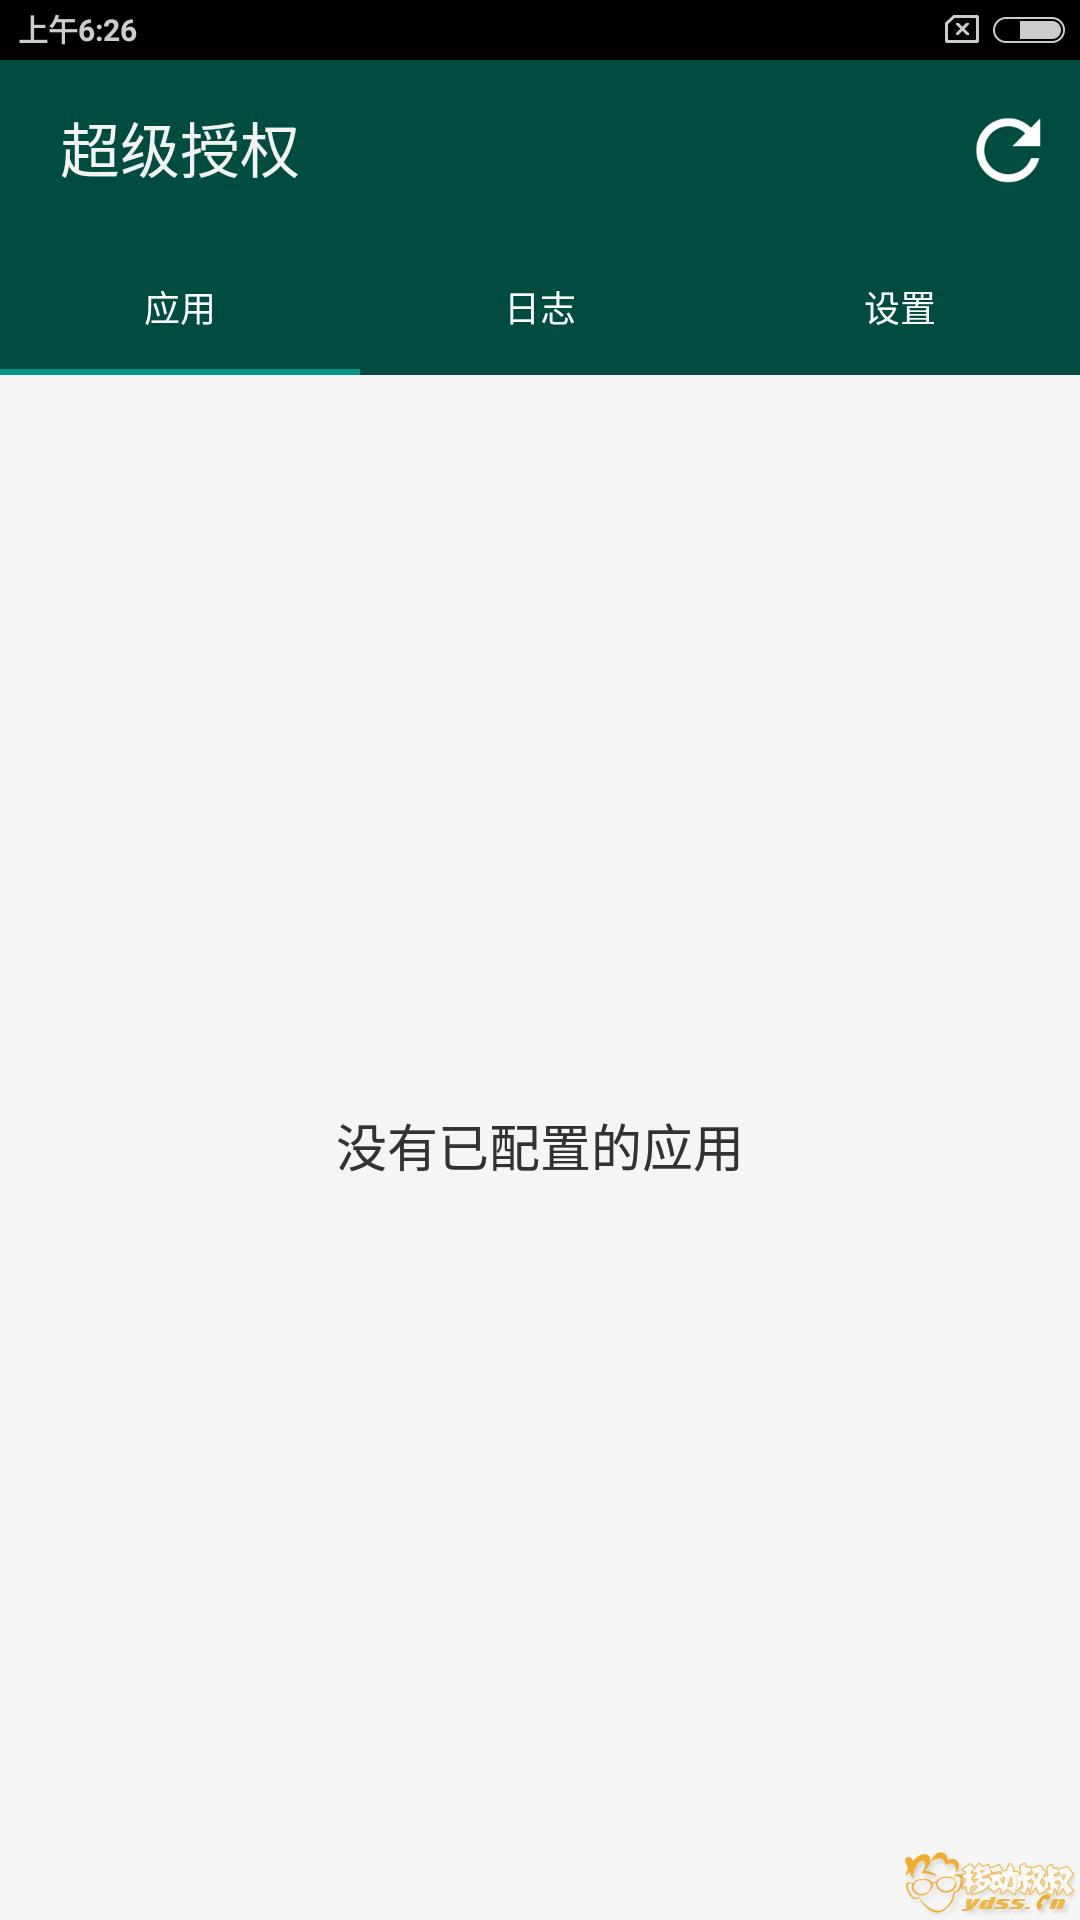 Screenshot_2017-12-09-06-26-19-698_eu.chianfire.supersu.png